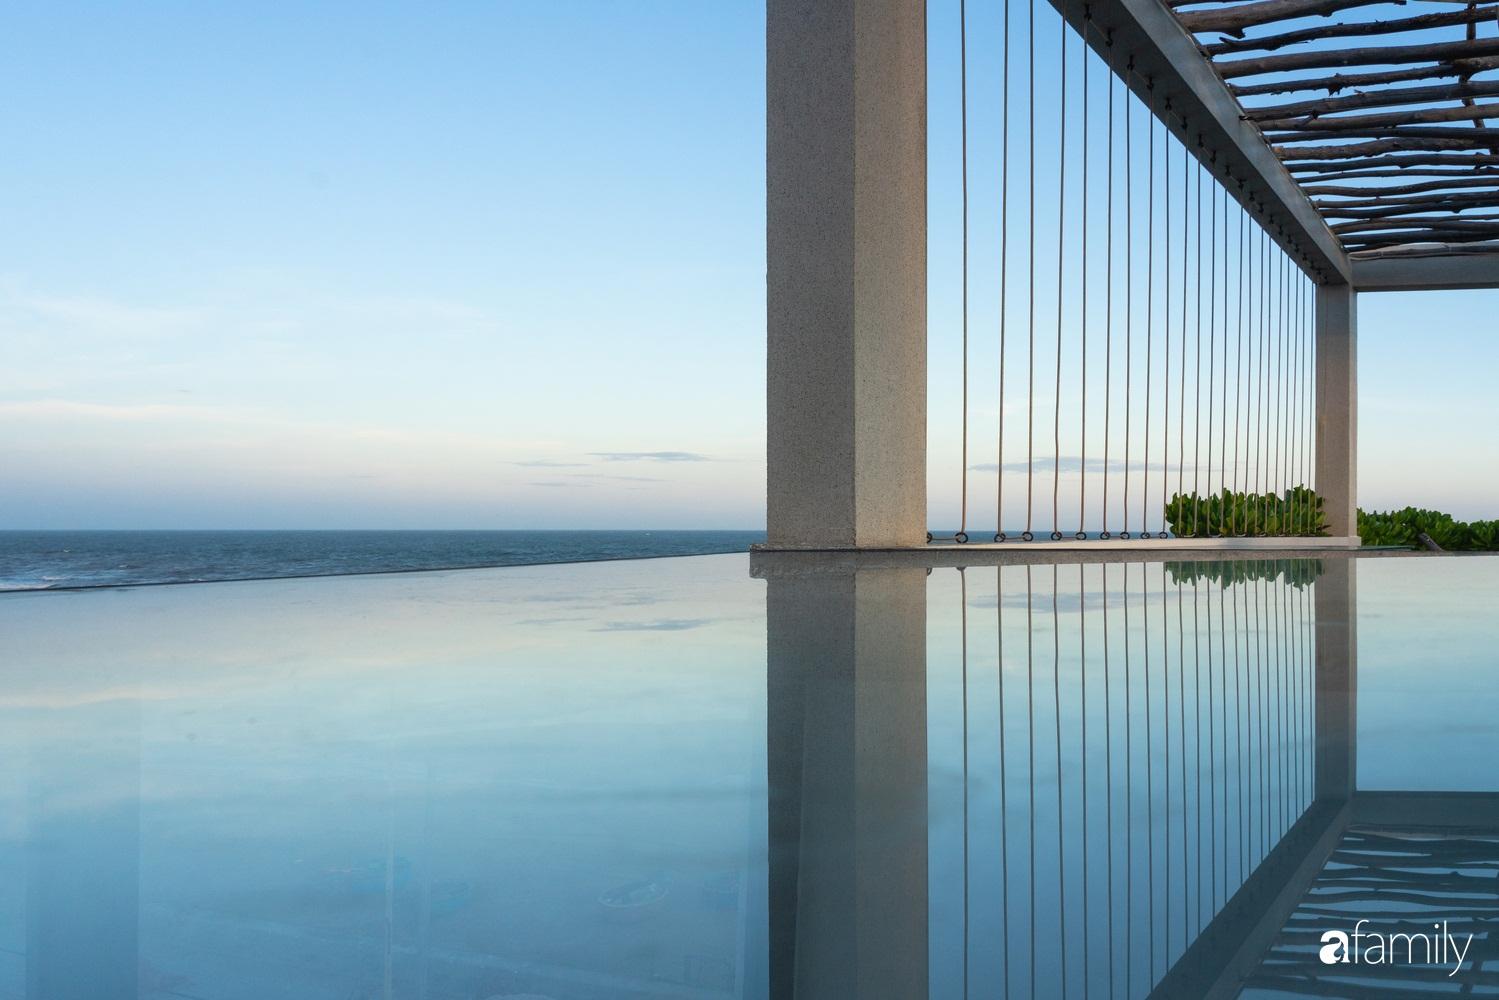 Ngôi nhà 3 tầng view biển Vũng Tàu với thiết kế mang ánh sáng và cây xanh đến từng góc nhỏ - Ảnh 4.